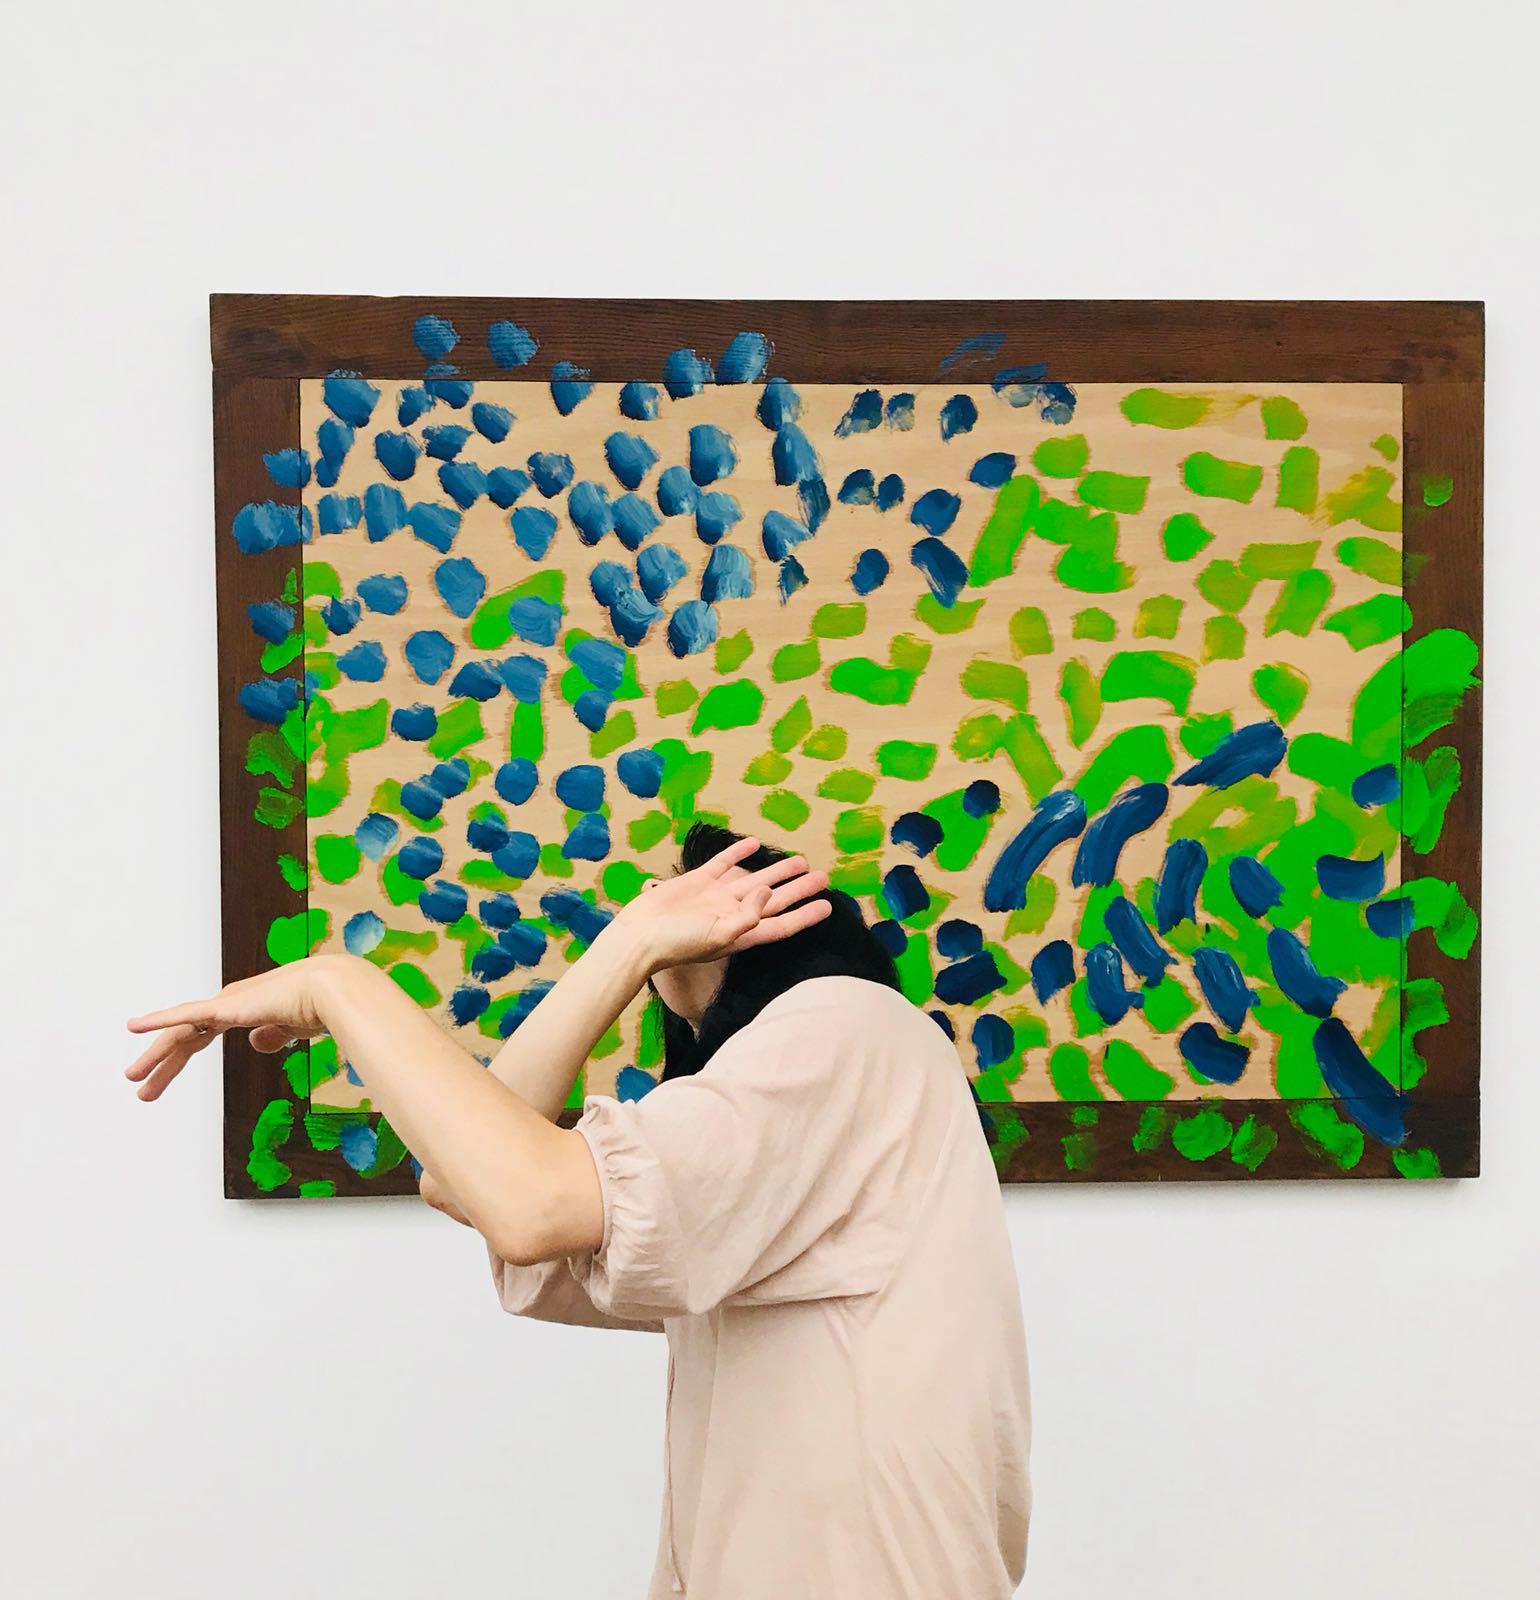 Howard Hodgkin-The art blueberry3